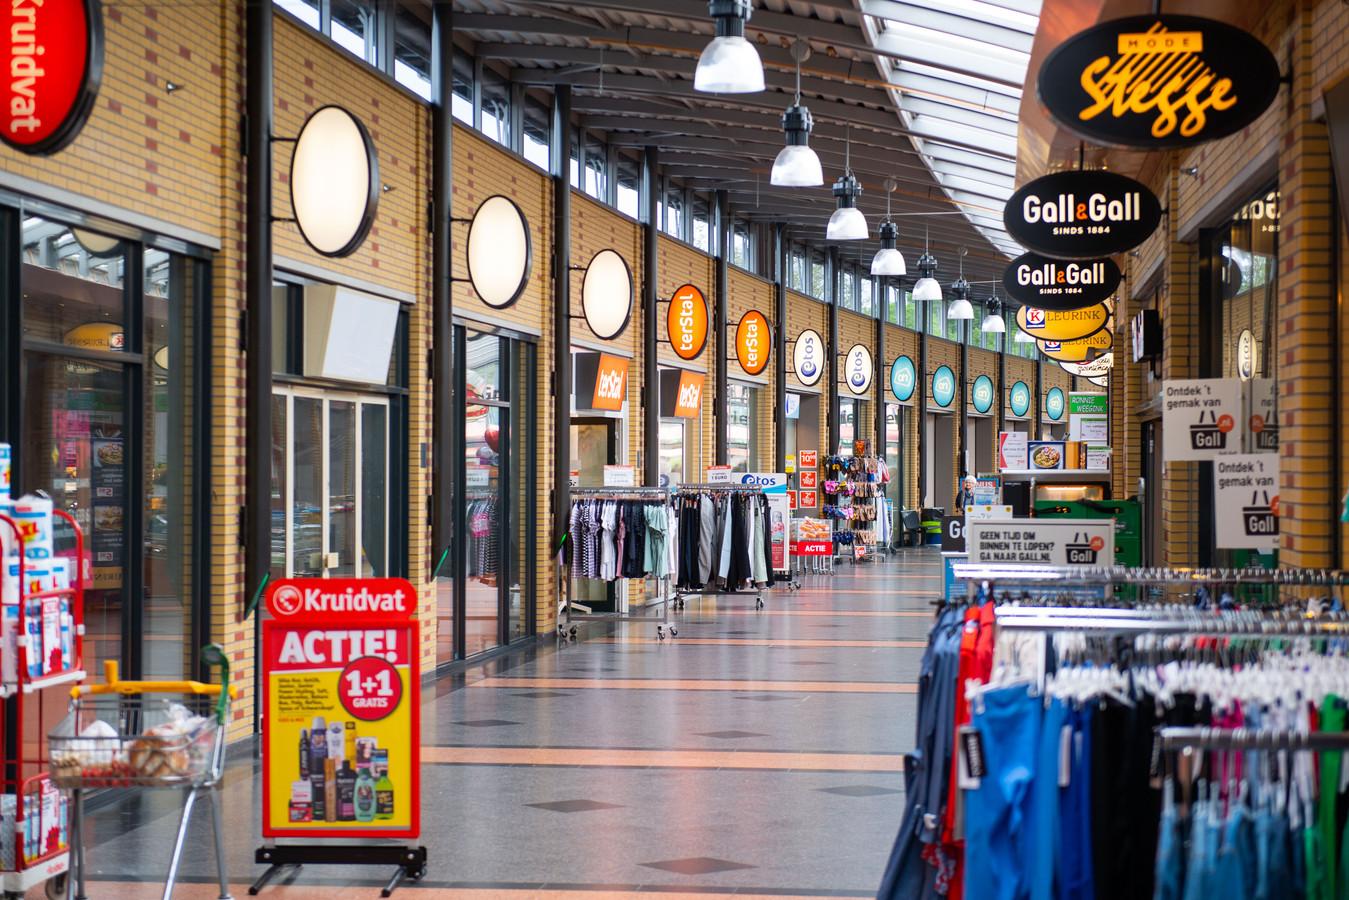 Het winkelcentrum Groot Driene heeft hulp van de gemeente gevraagd, deels om (dreigende) leegstand een halt toe te roepen.